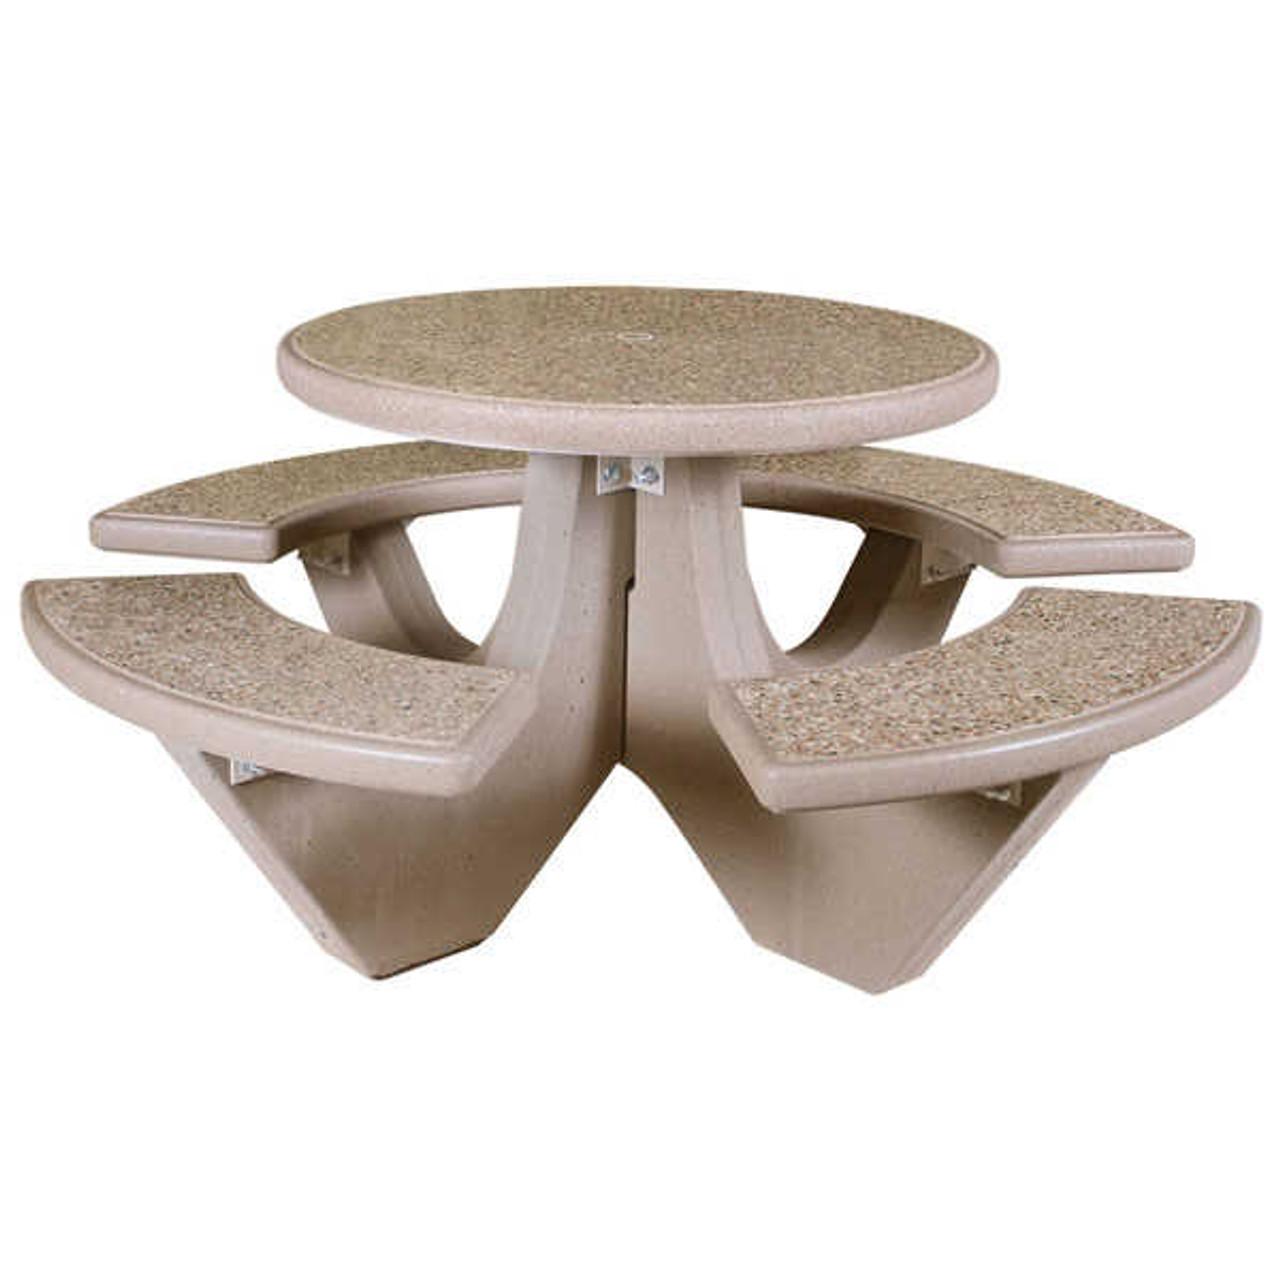 Concrete Picnic Table with Umbrella Insert TF3125 SAND